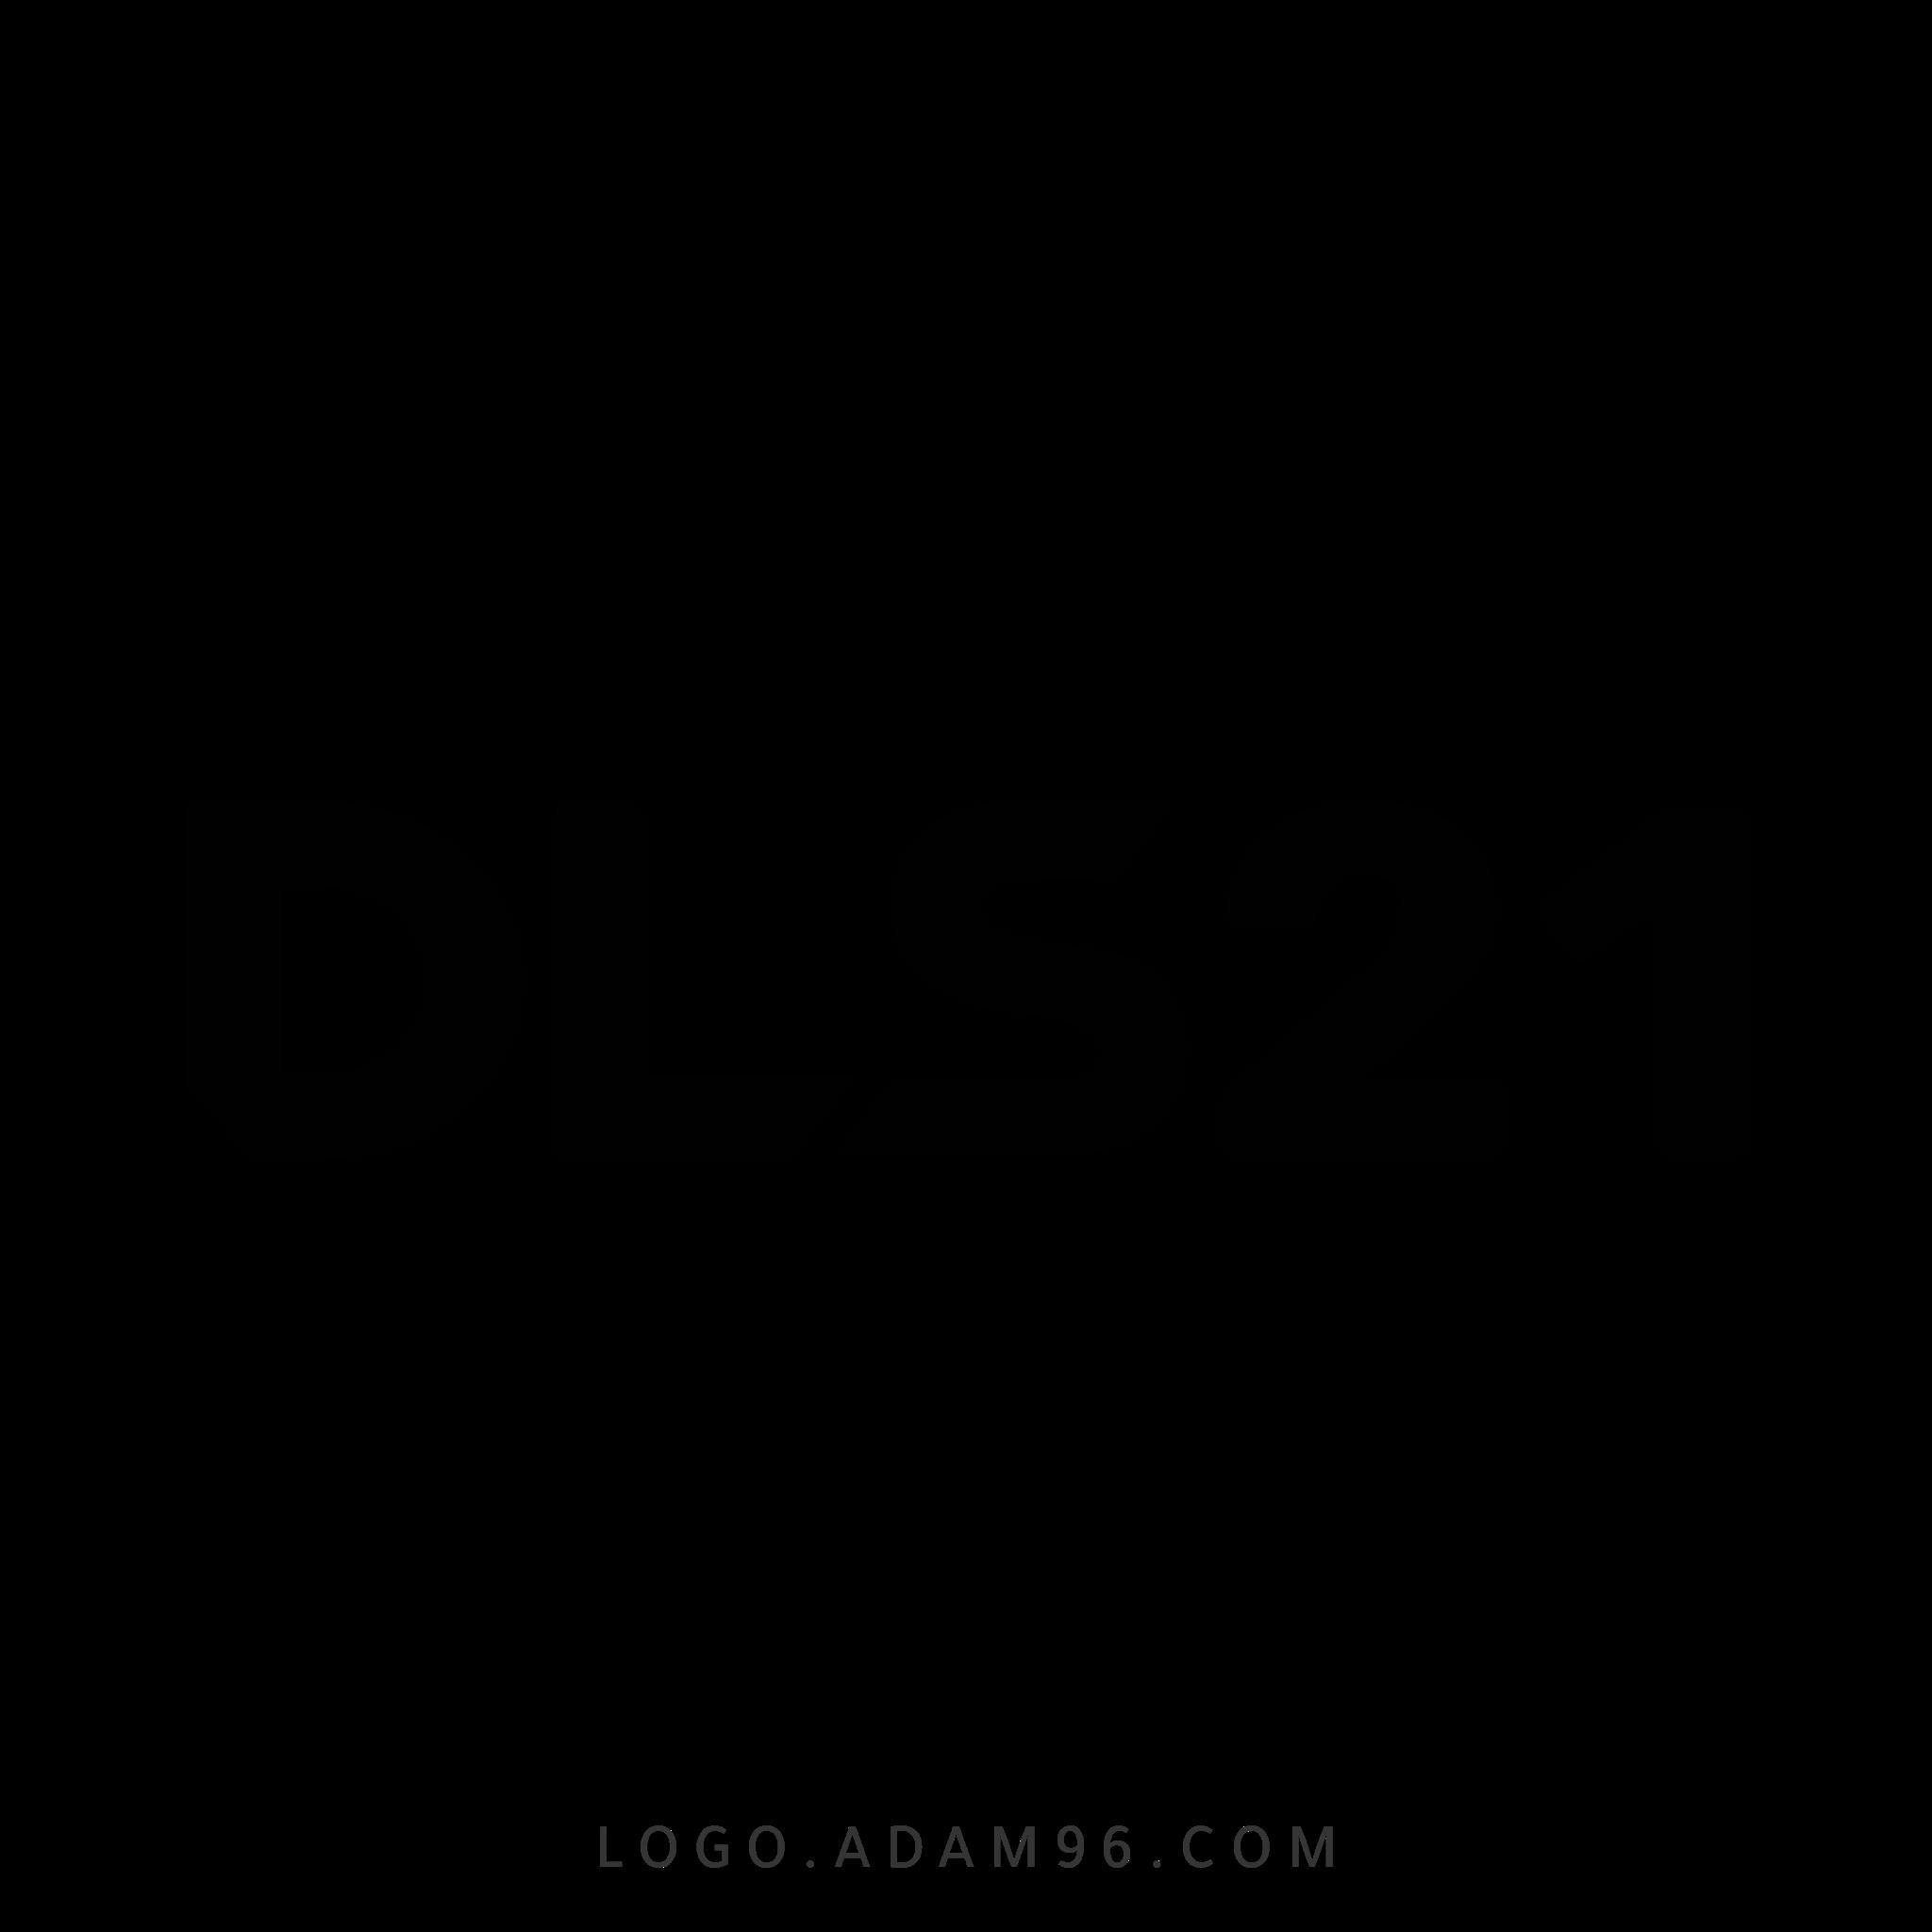 تحميل شعار لعبة دريم ليج لوجو رسمي عالي الدقة بصيغة شفافة Logo Dream League PNG